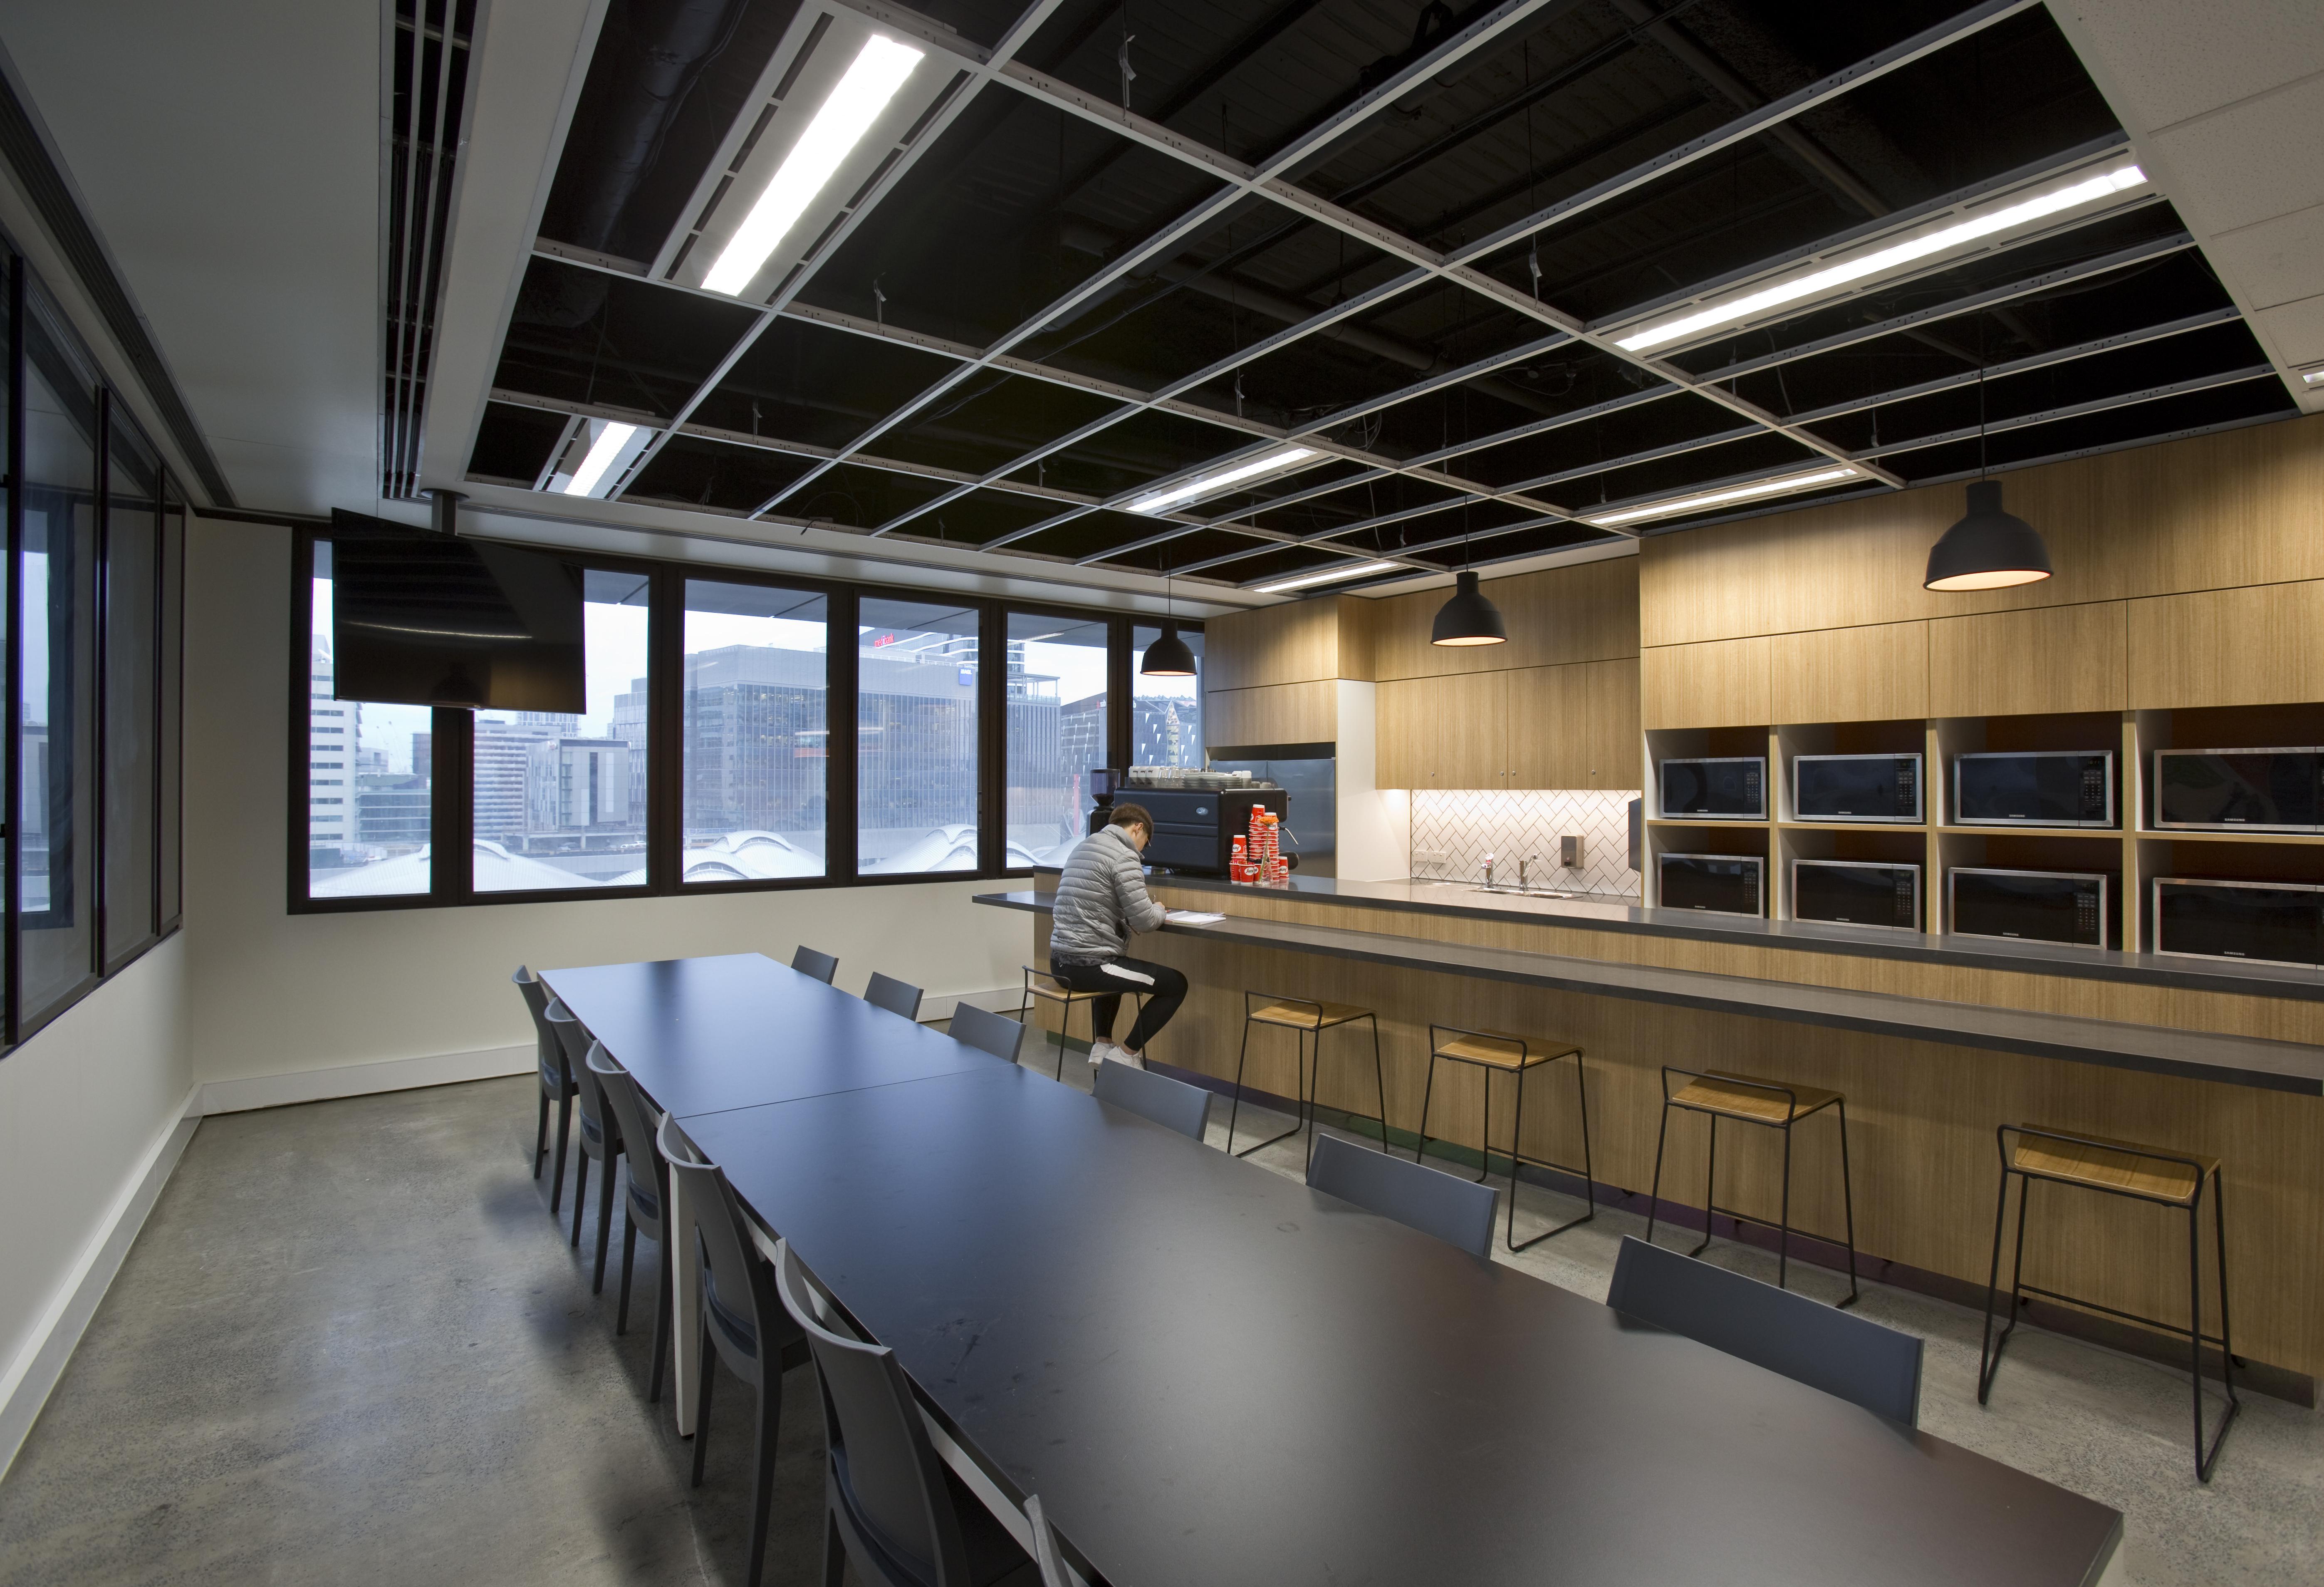 ilsc-melbourne-campus-kitchen